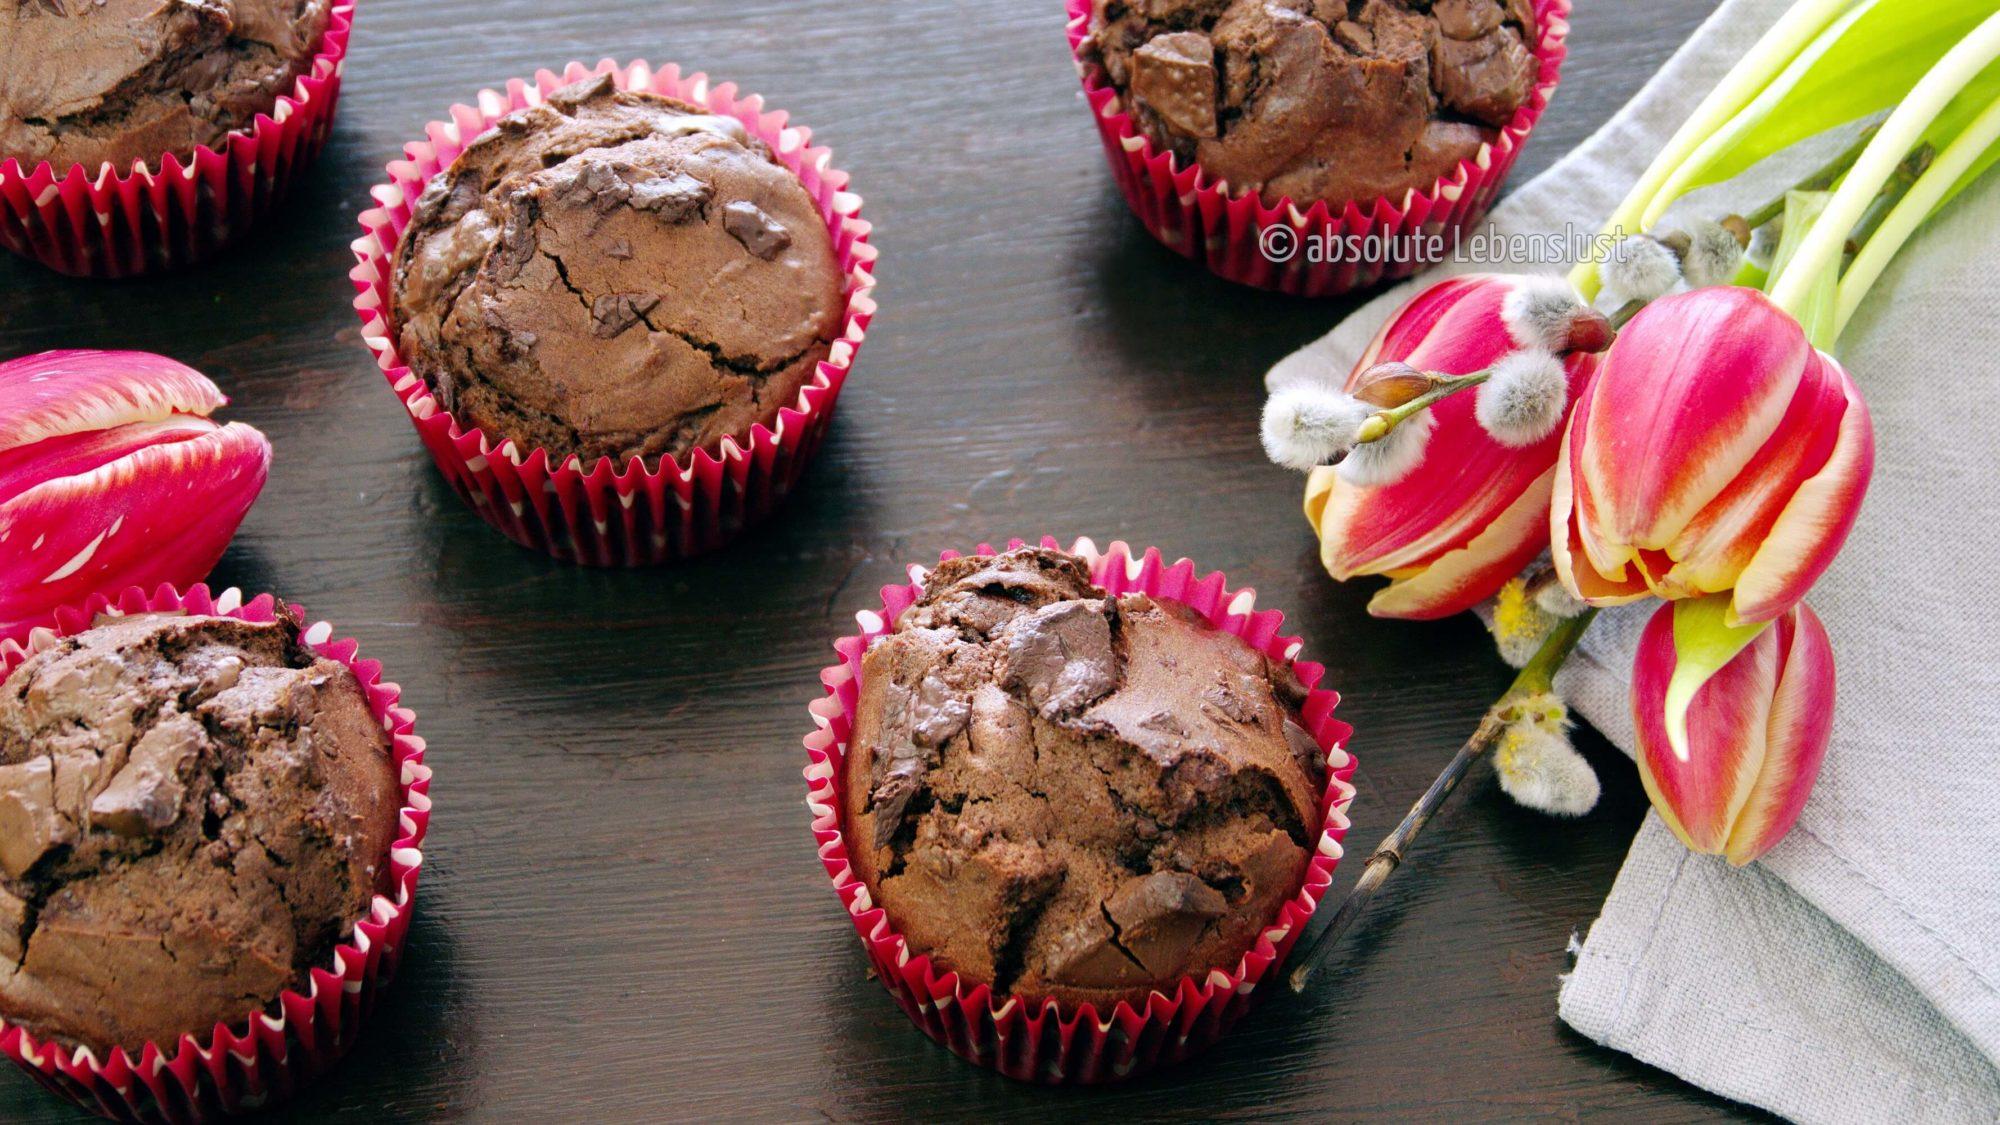 schoko muffins, schokoladen muffins, backen, rezept, selber machen, muffins rezept, muffin rezepte